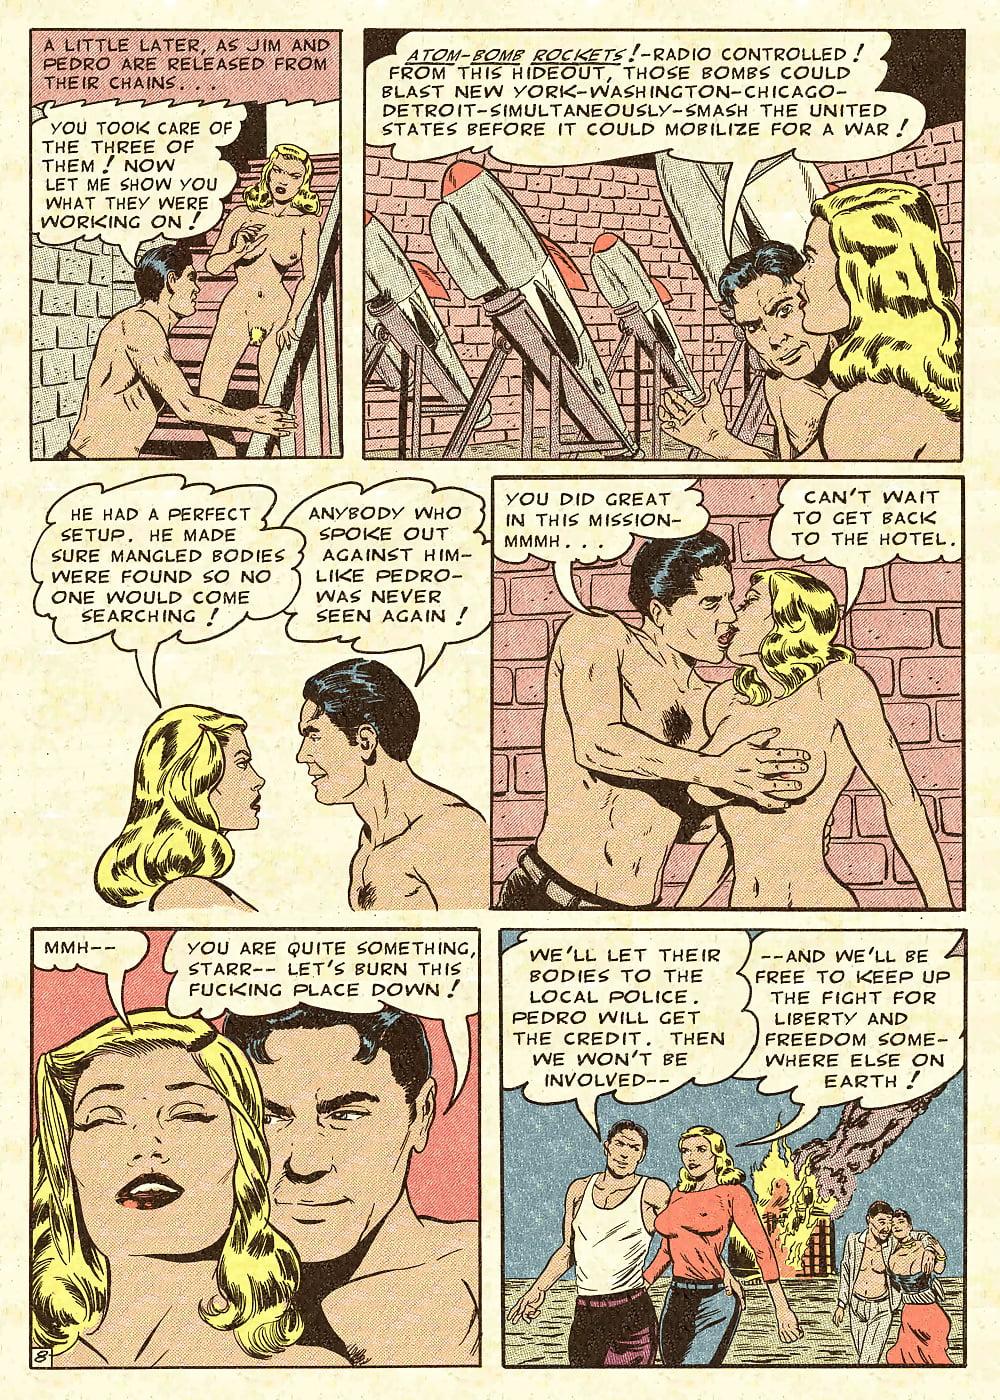 Dbm undercover hong kong love queen 1988 - 1 9